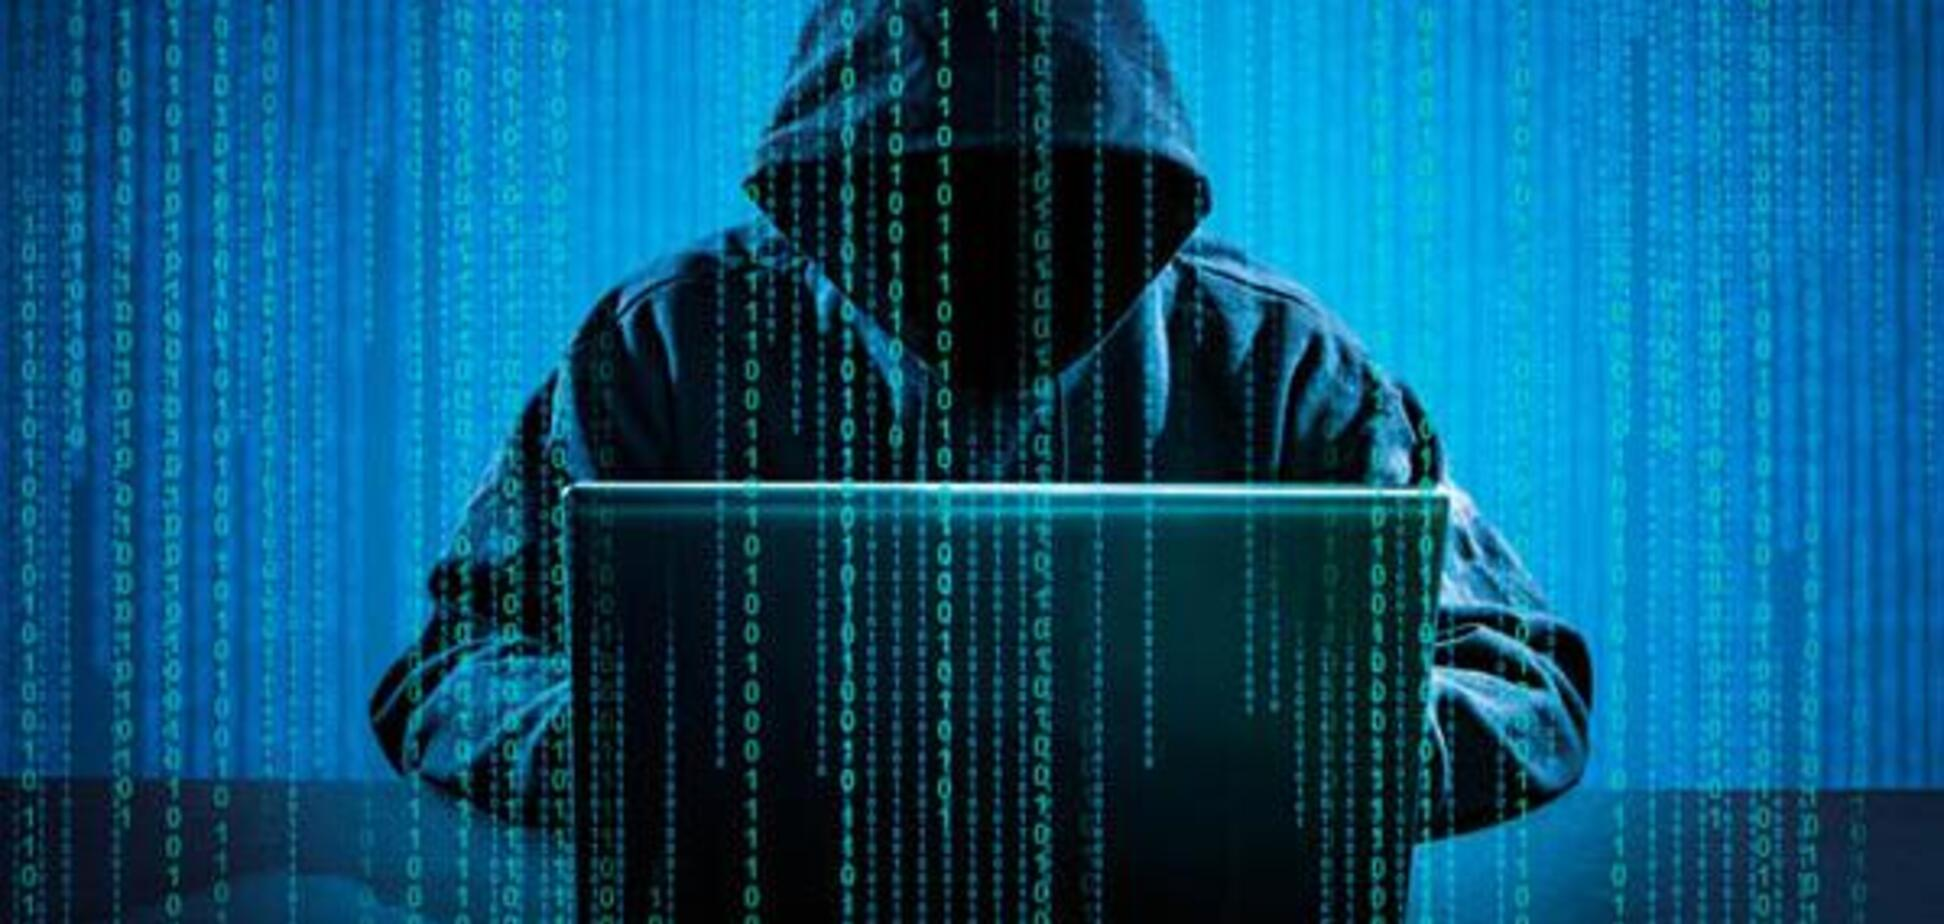 Кибербезопасность в Украине: Госспецсвязи разъяснило новый закон